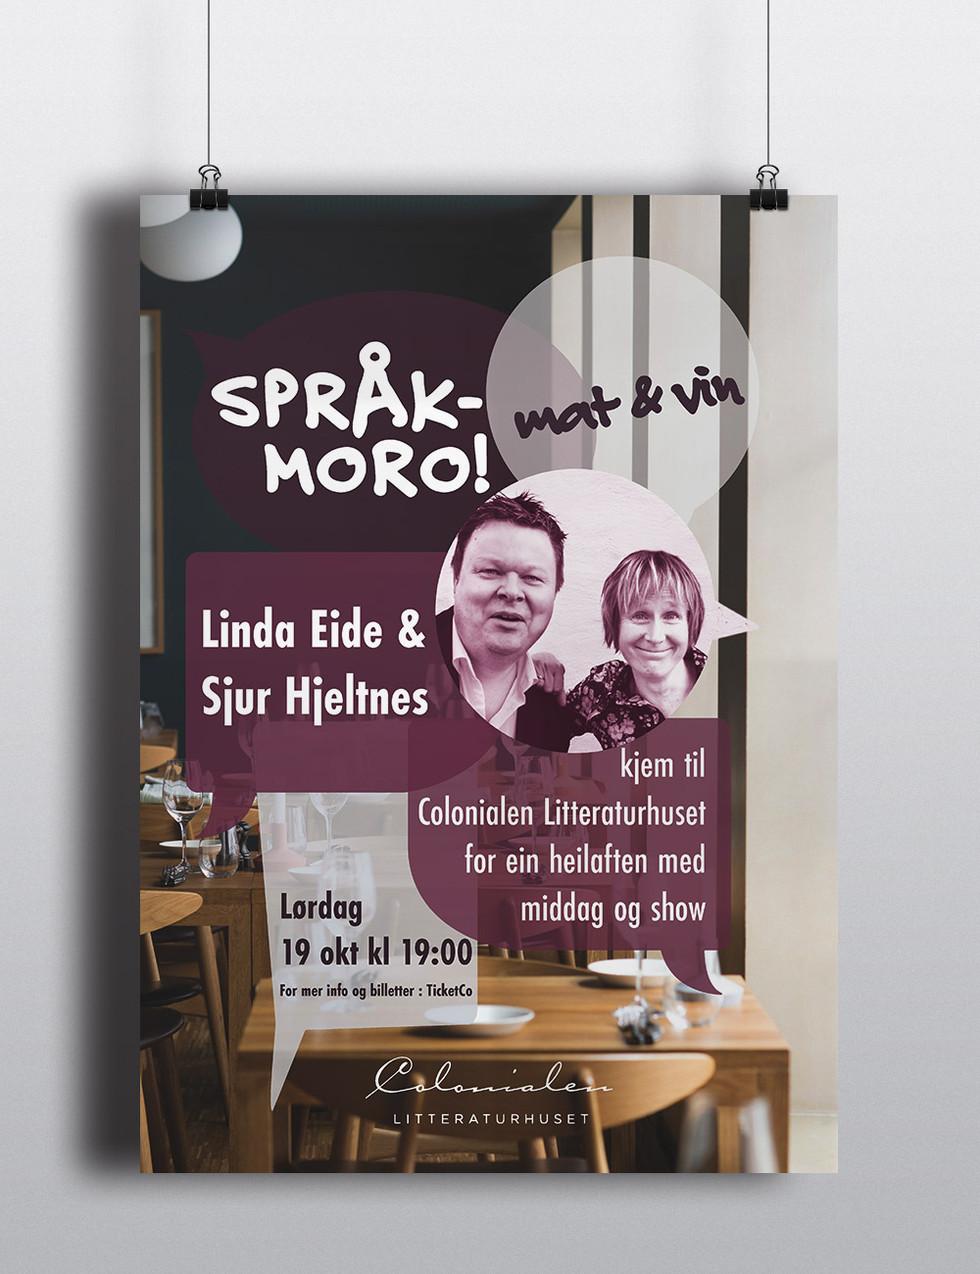 Språkmoro_Mockup.jpg